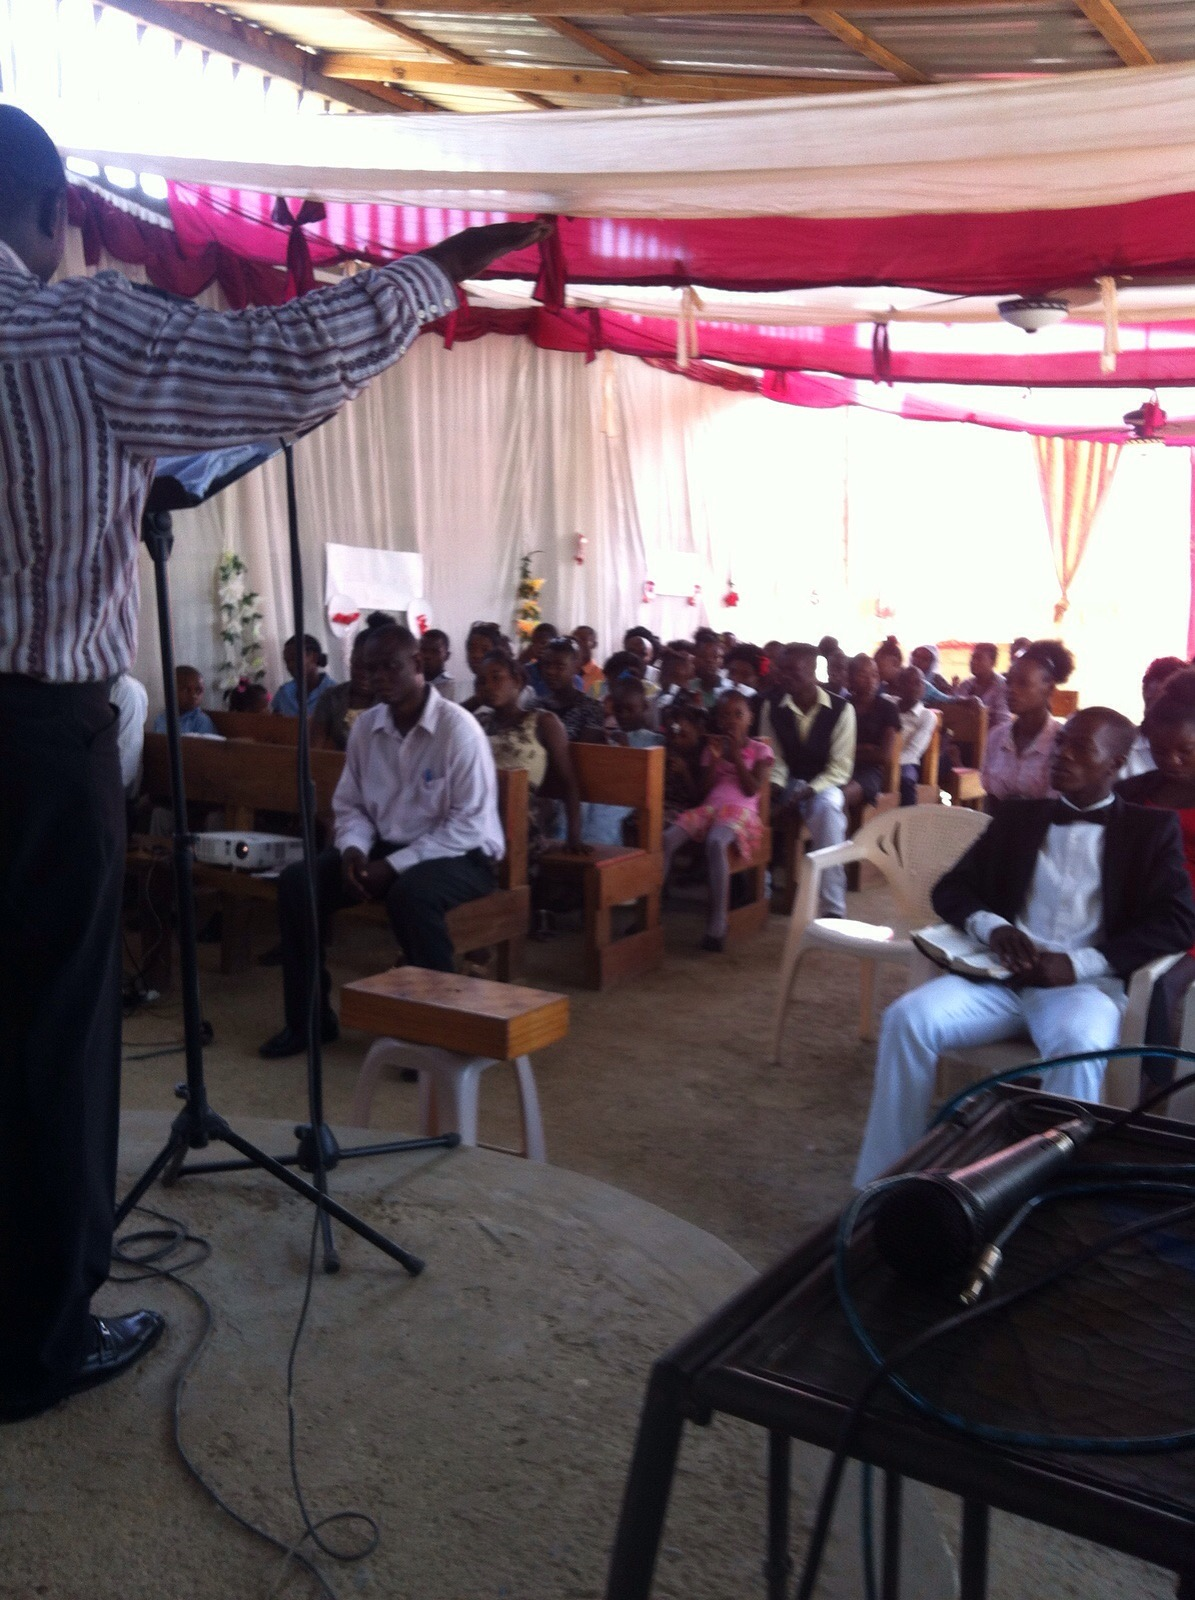 cap haitian church update